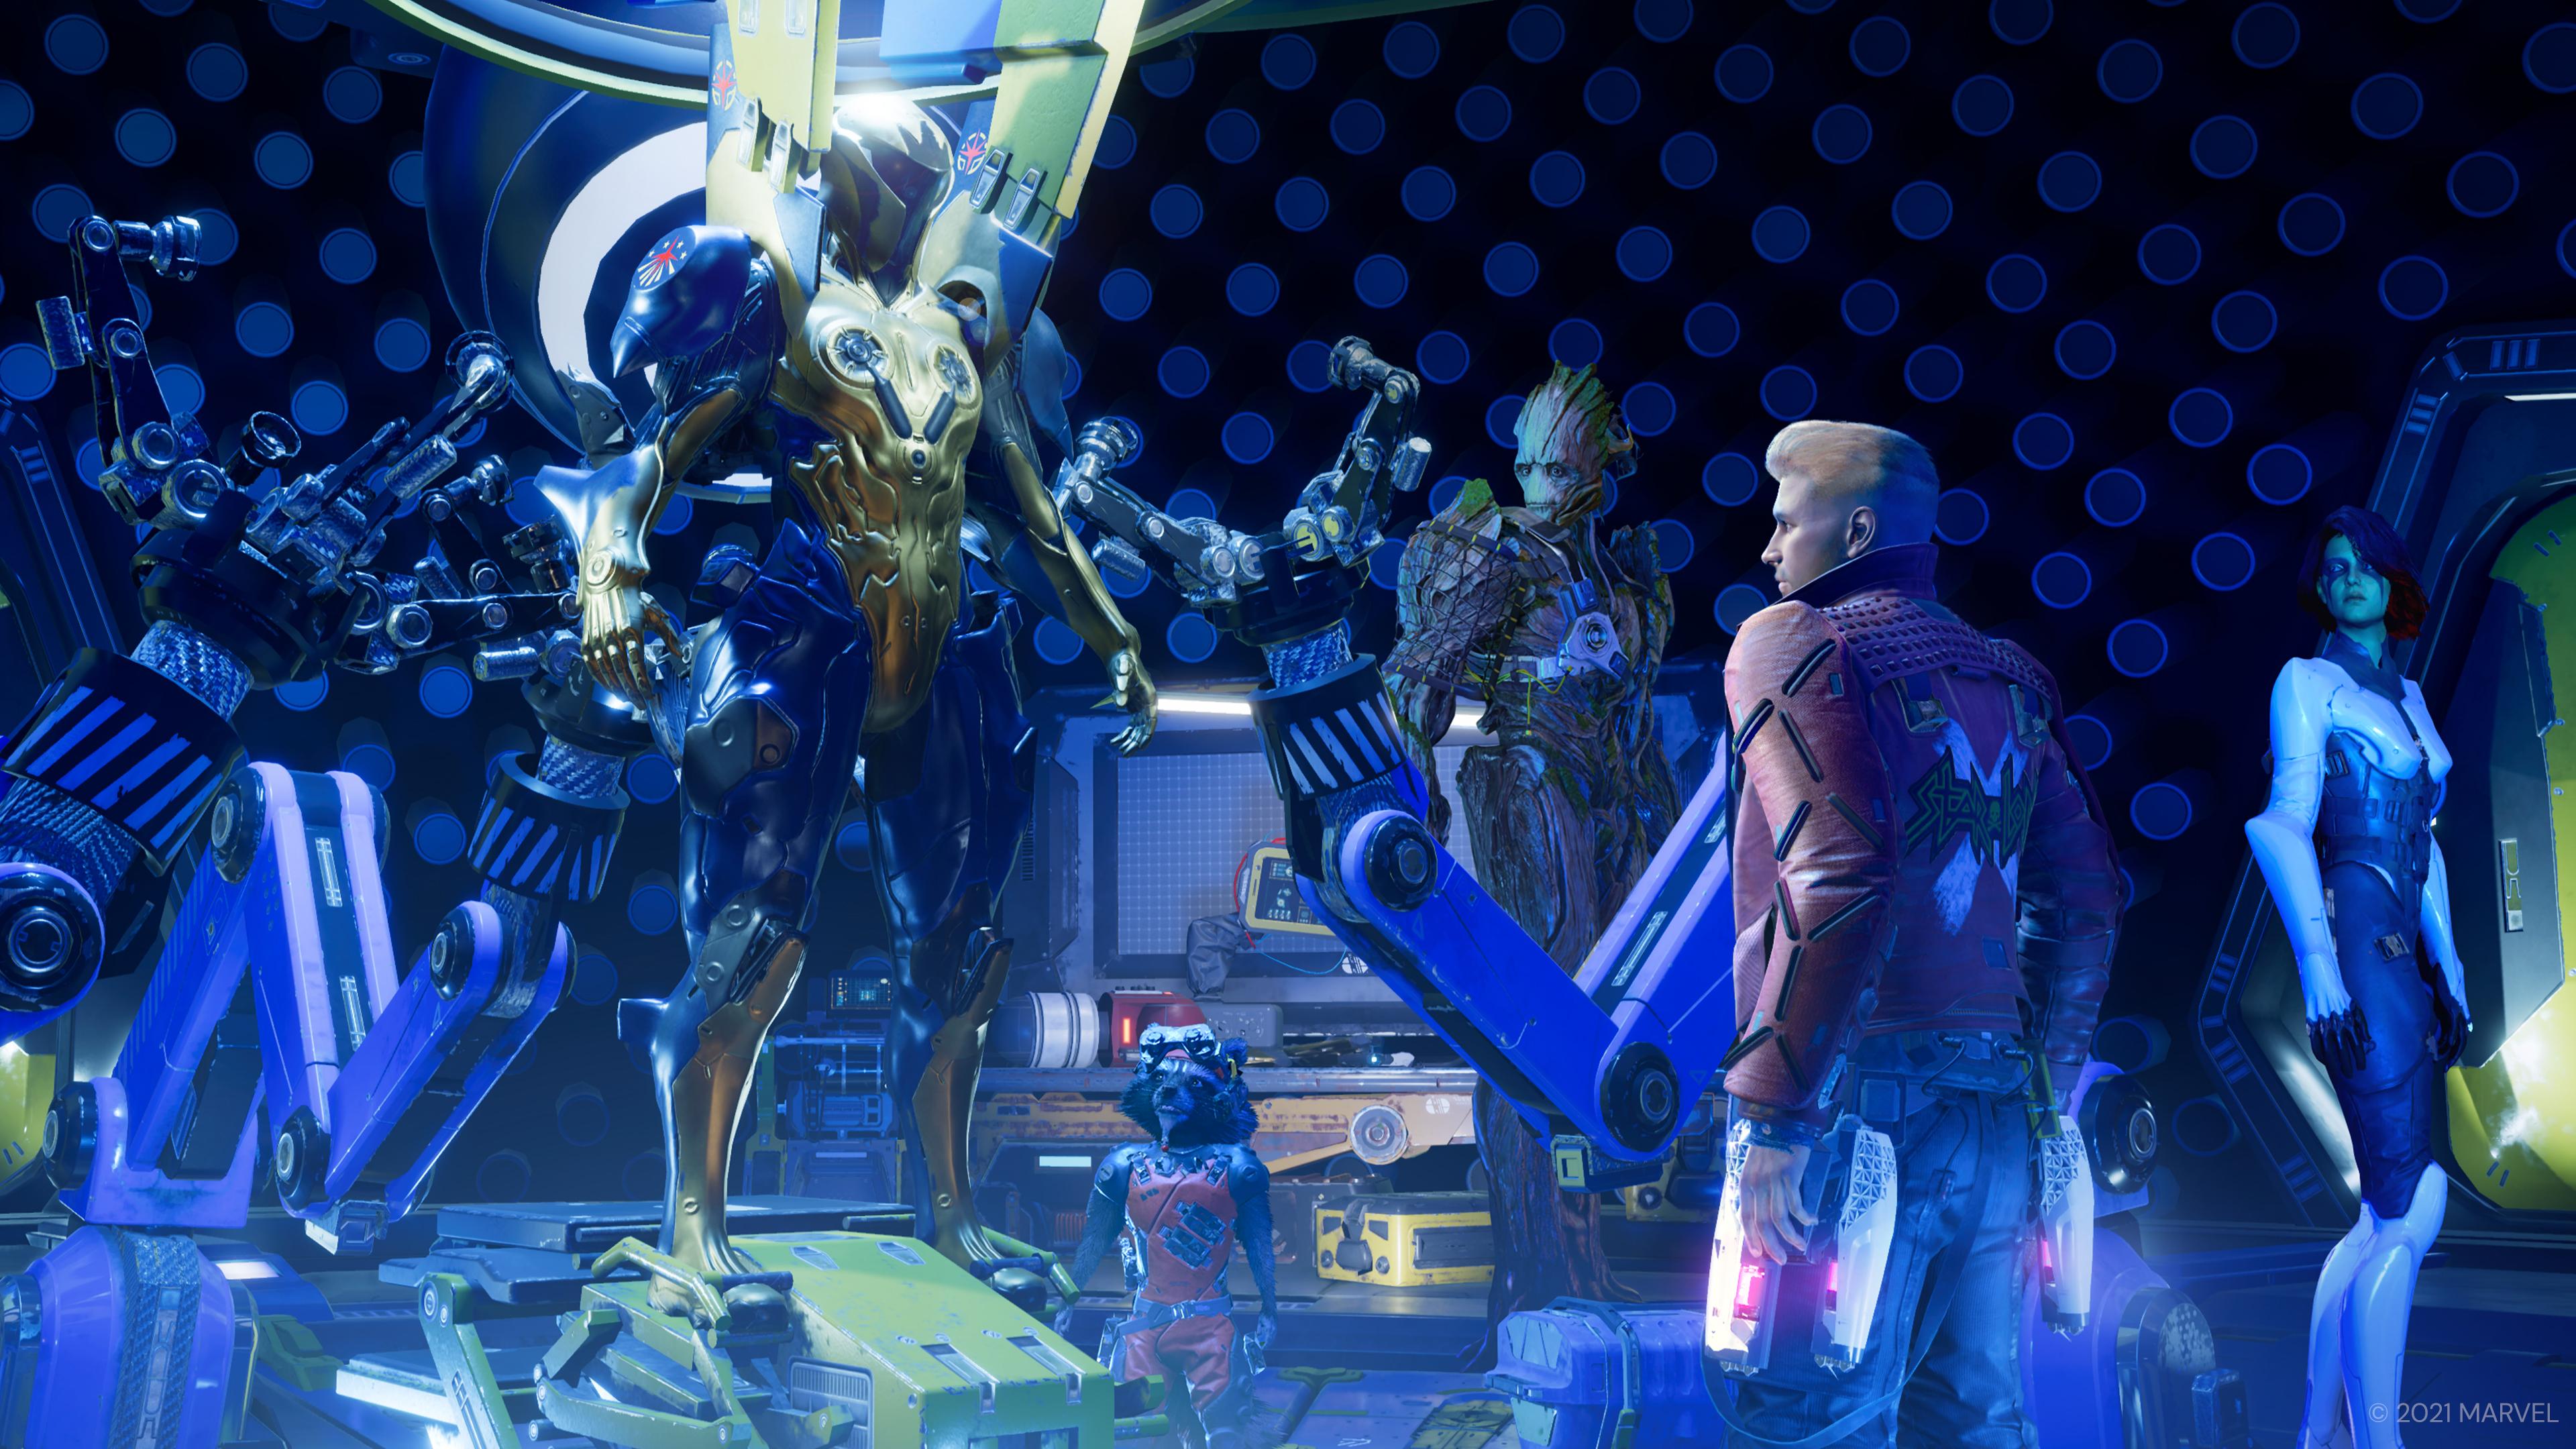 Скриншот №8 к «Стражи Галактики Marvel» PS4 и PS5